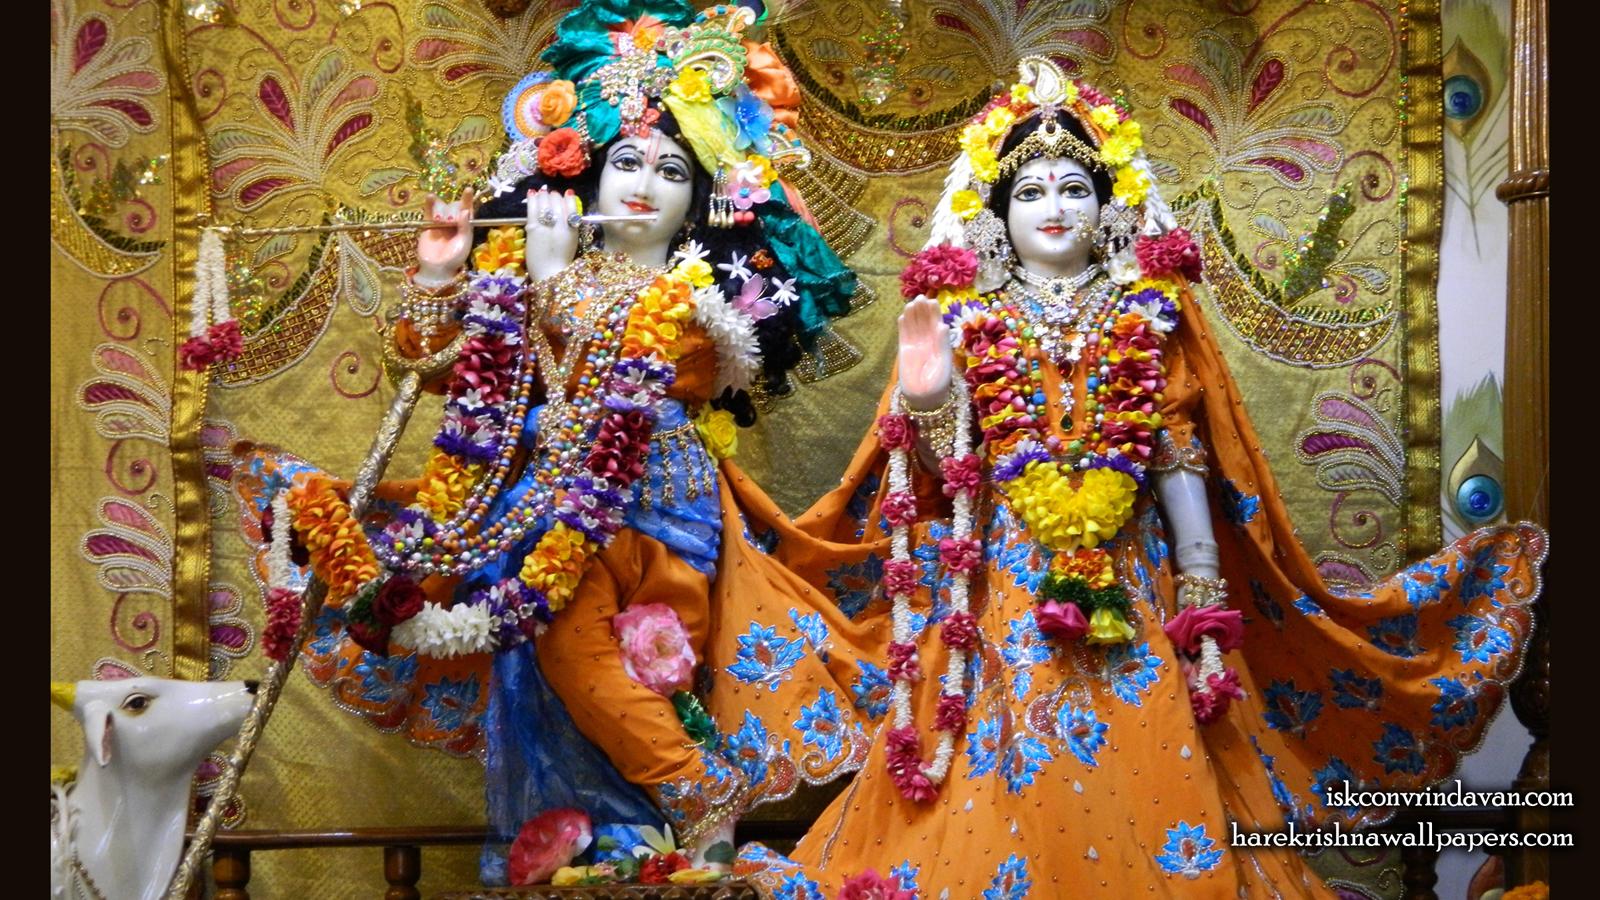 Sri Sri Radha Kunjabihari Wallpaper (011) Size 1600x900 Download